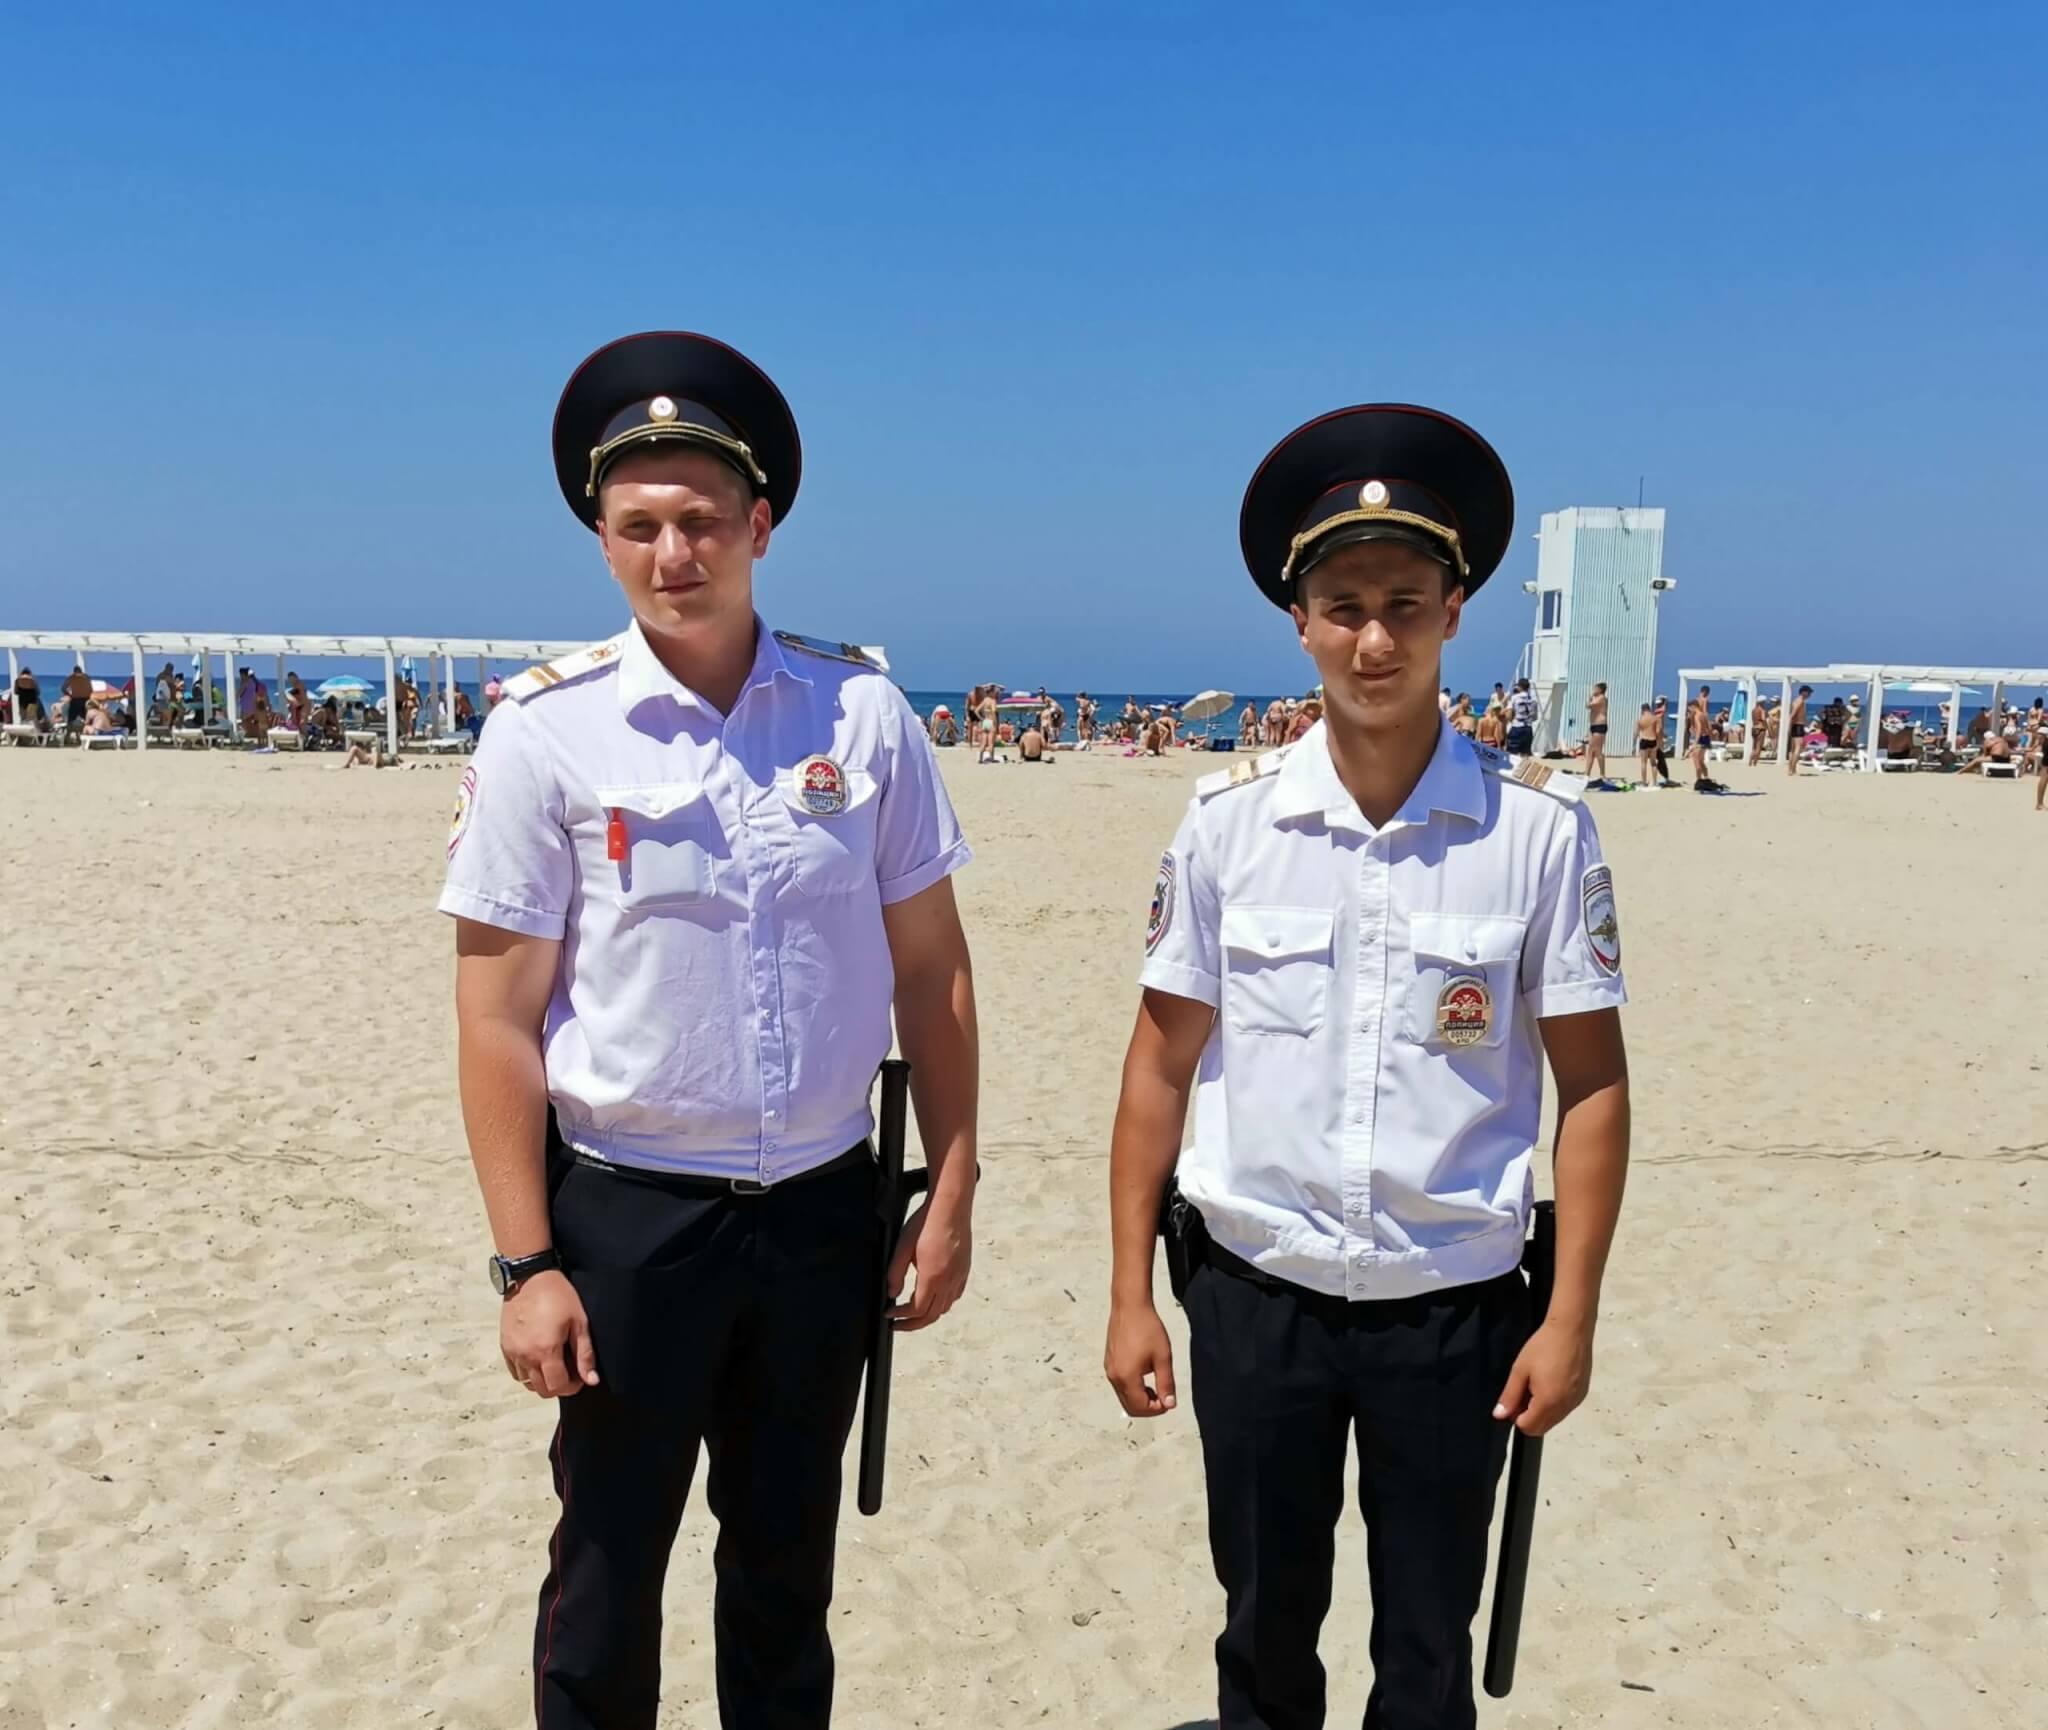 Сотрудники патрульно-постовой службы полиции спасли утопающего в море в Анапе